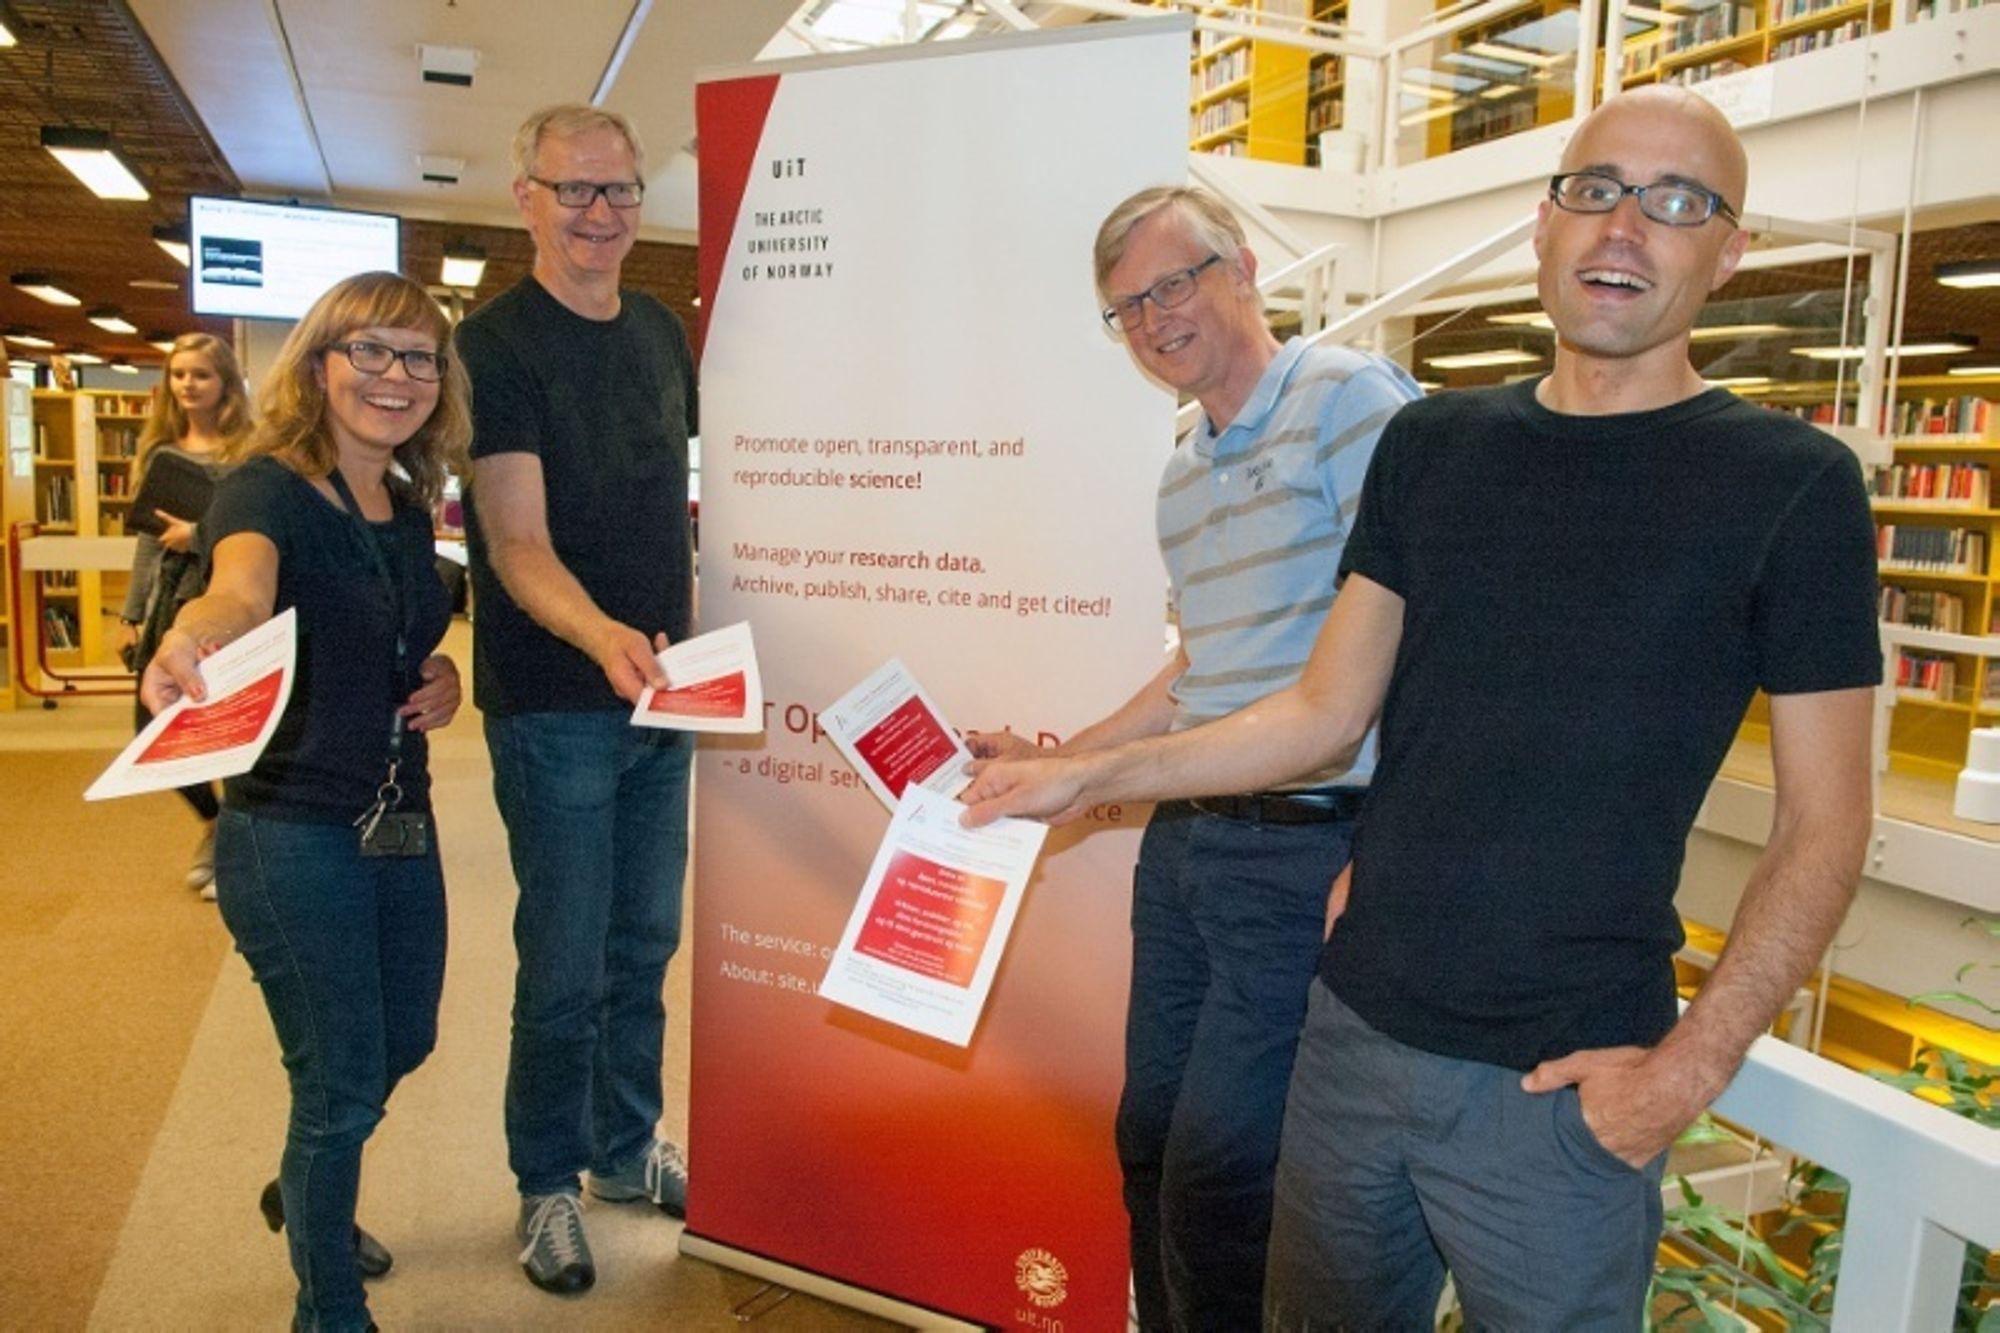 Helene Andreassen, Leif Longva, Stein Høydalsvik og Philipp Conzett ved Universitetsbiblioteket gleder seg til lanseringen.